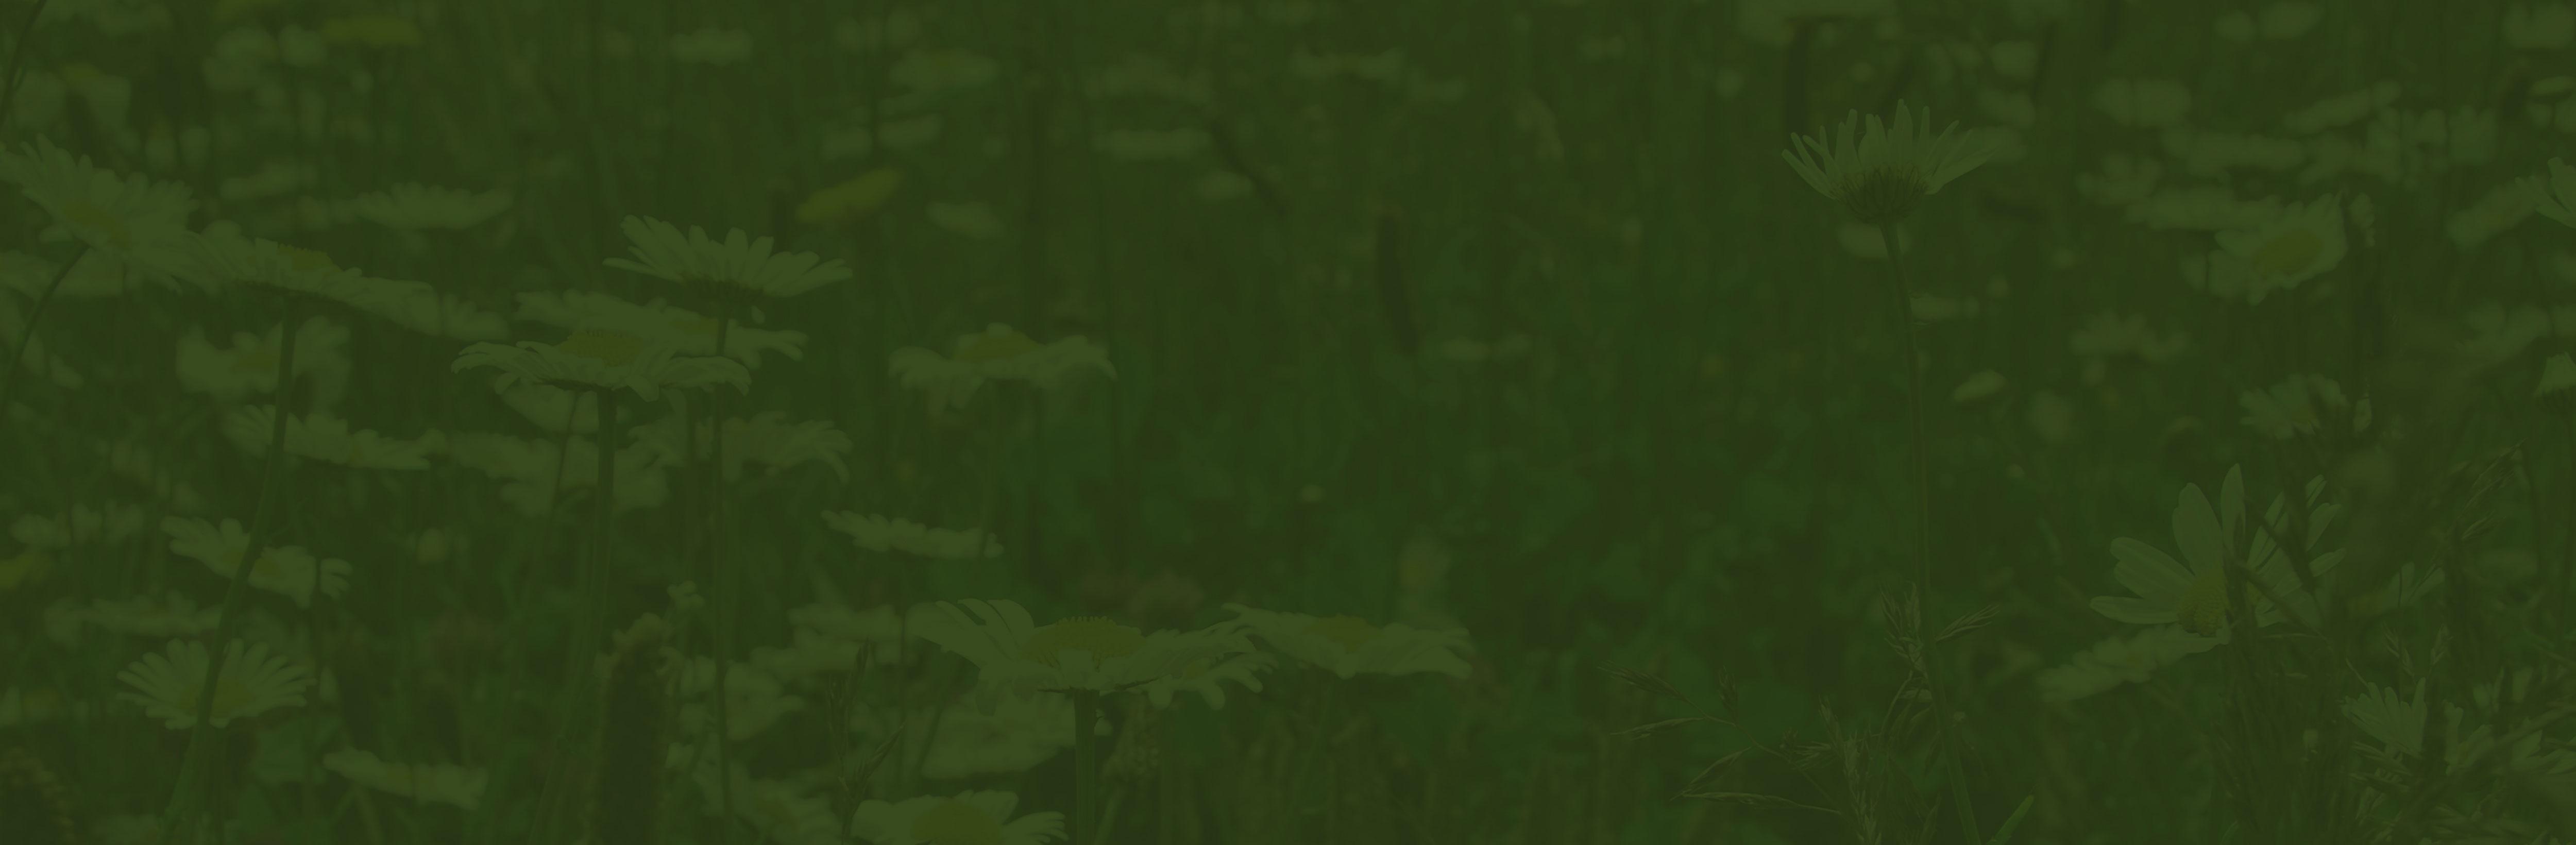 Vegetačné koberce | Skalničky - MIX typ TD | Strešné substráty